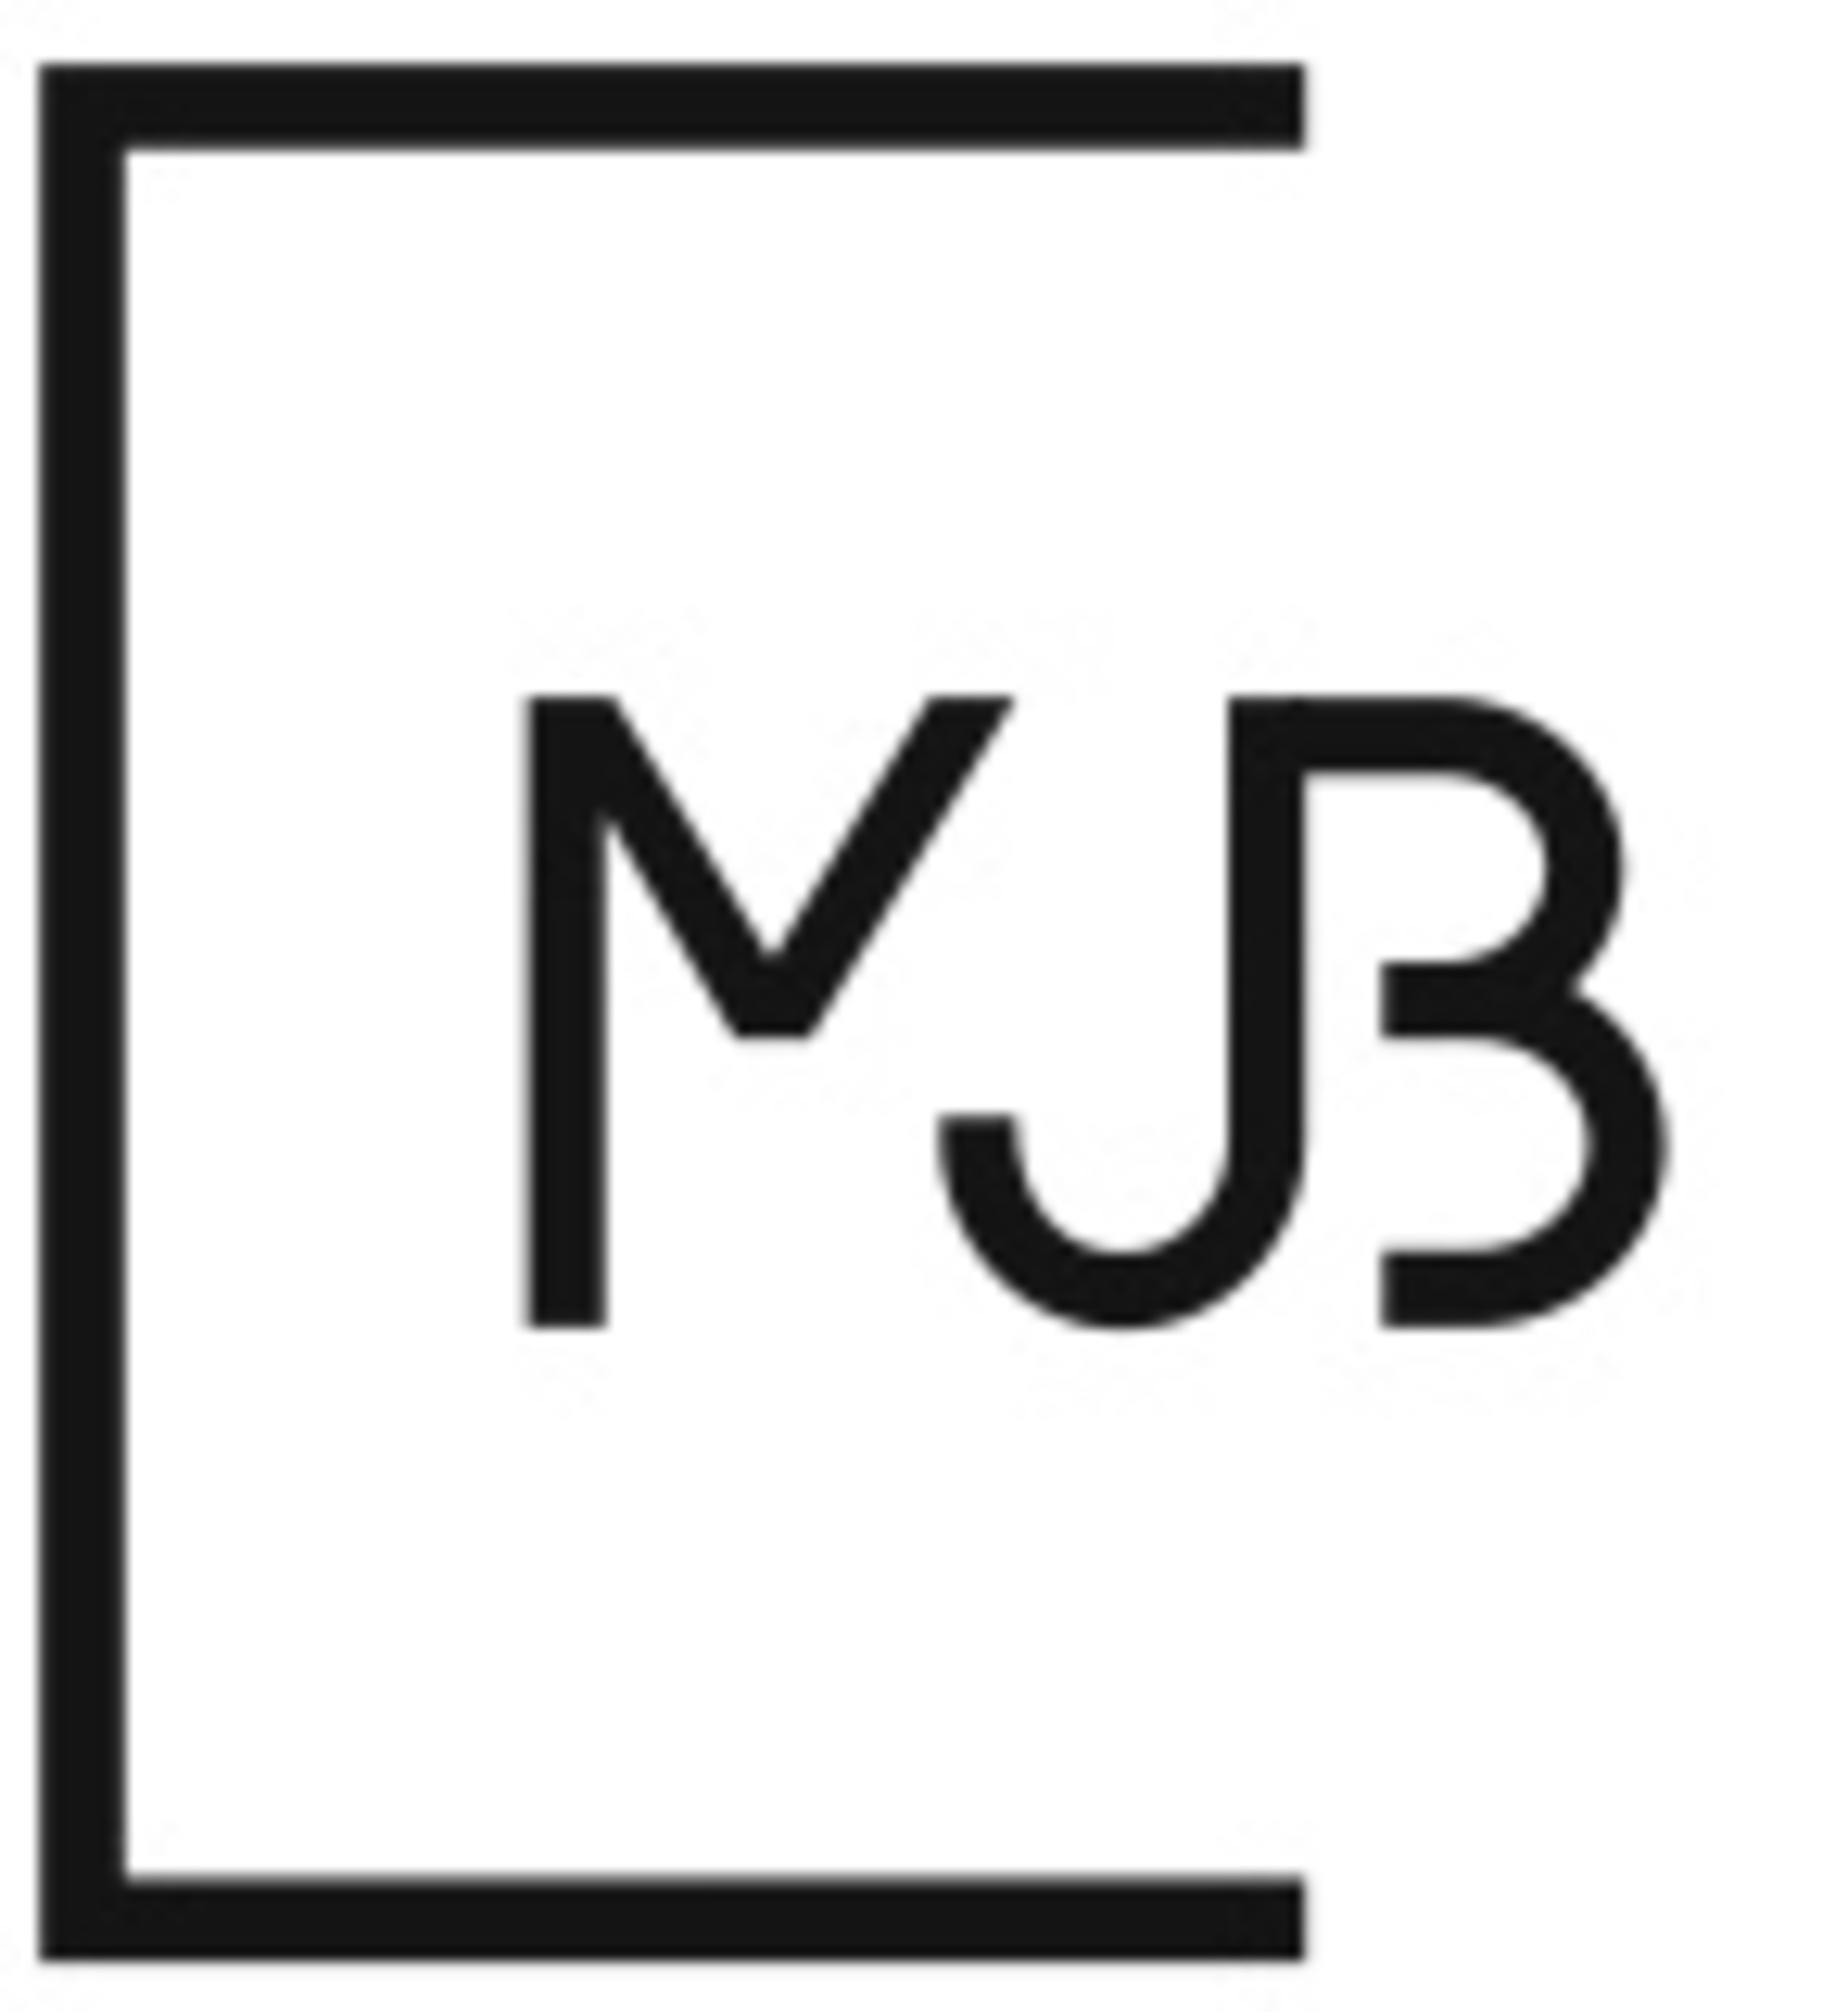 mjb studio- company logo